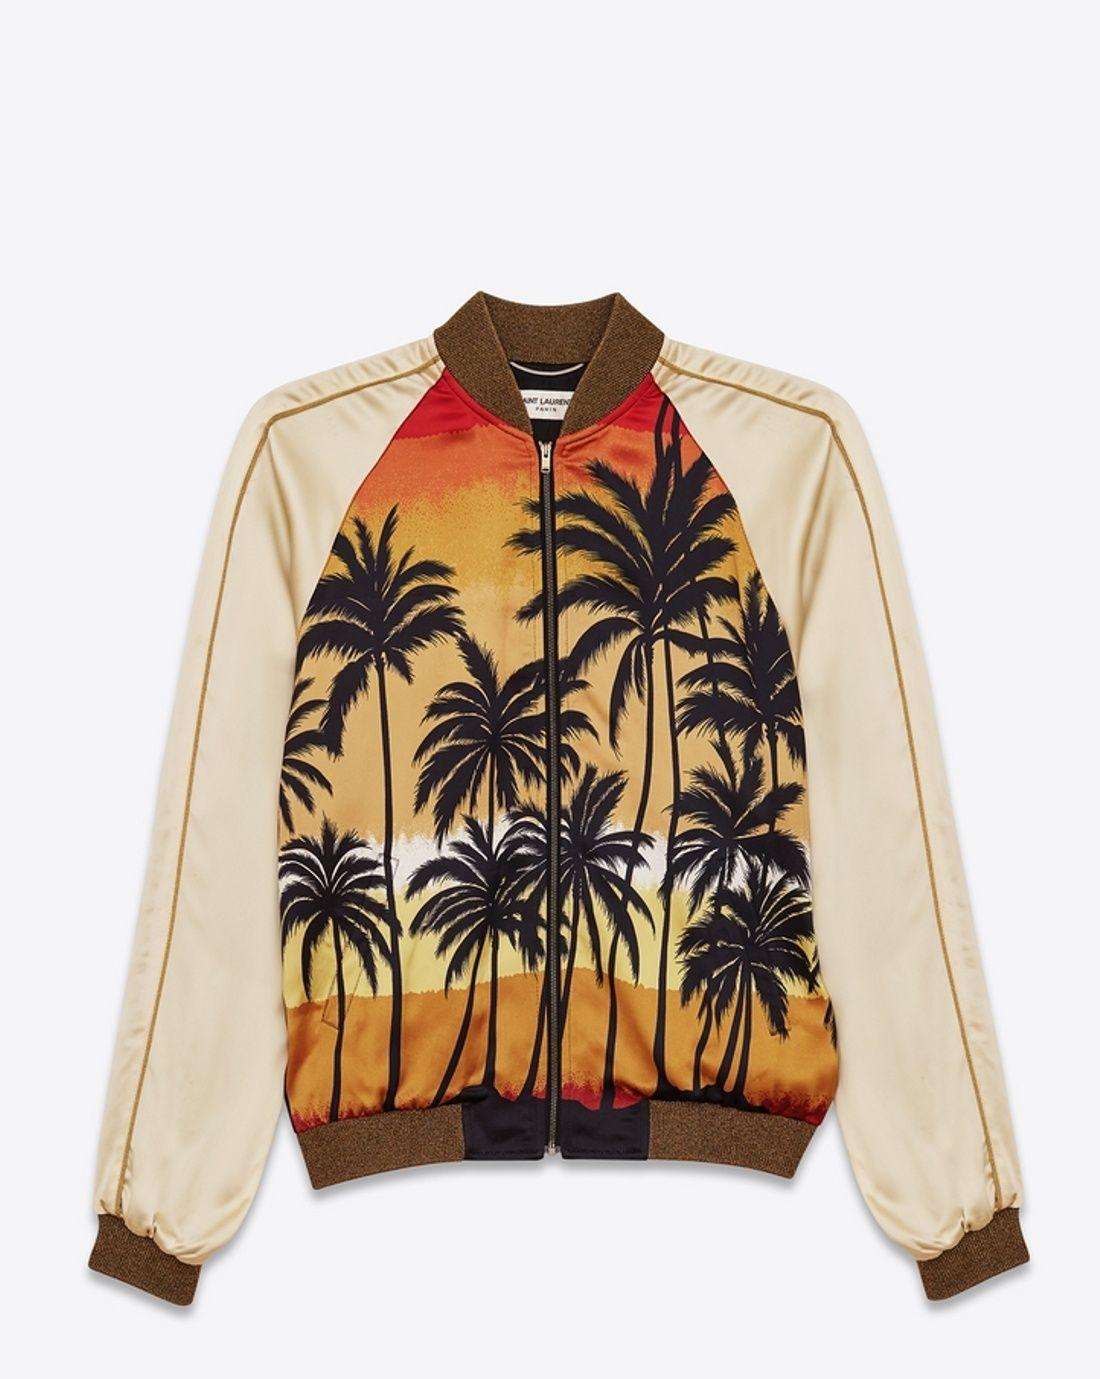 95518b4b470 Saint Laurent Paris Saint Laurent Sunset Teddy Jacket Size M $2200 - Grailed